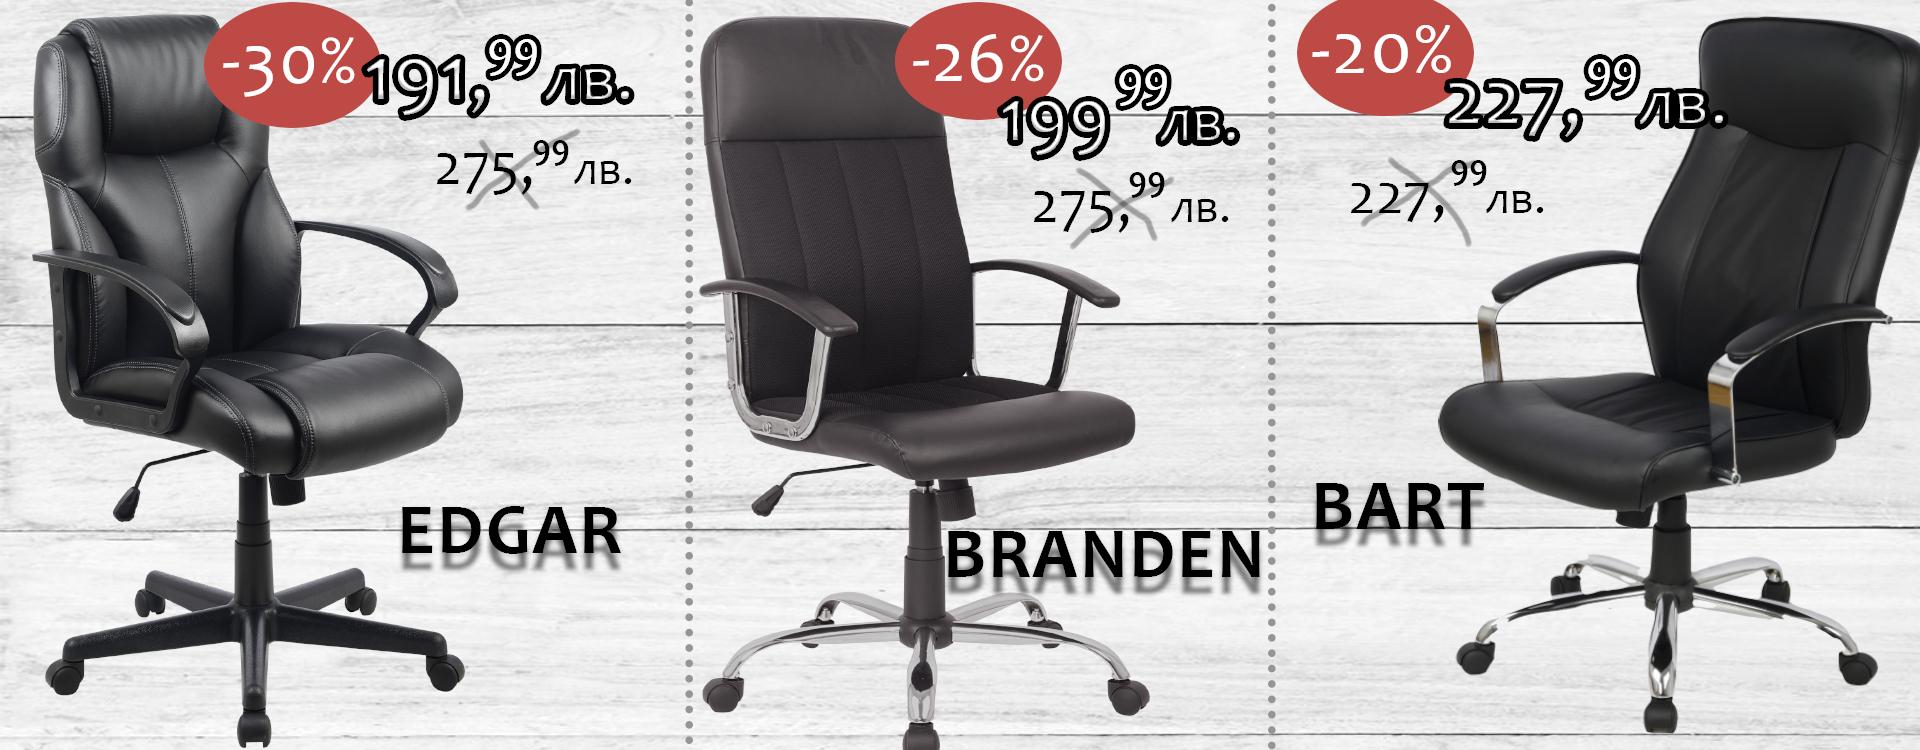 намаление директорски столове, подходящи за работа в офис или вкъщи